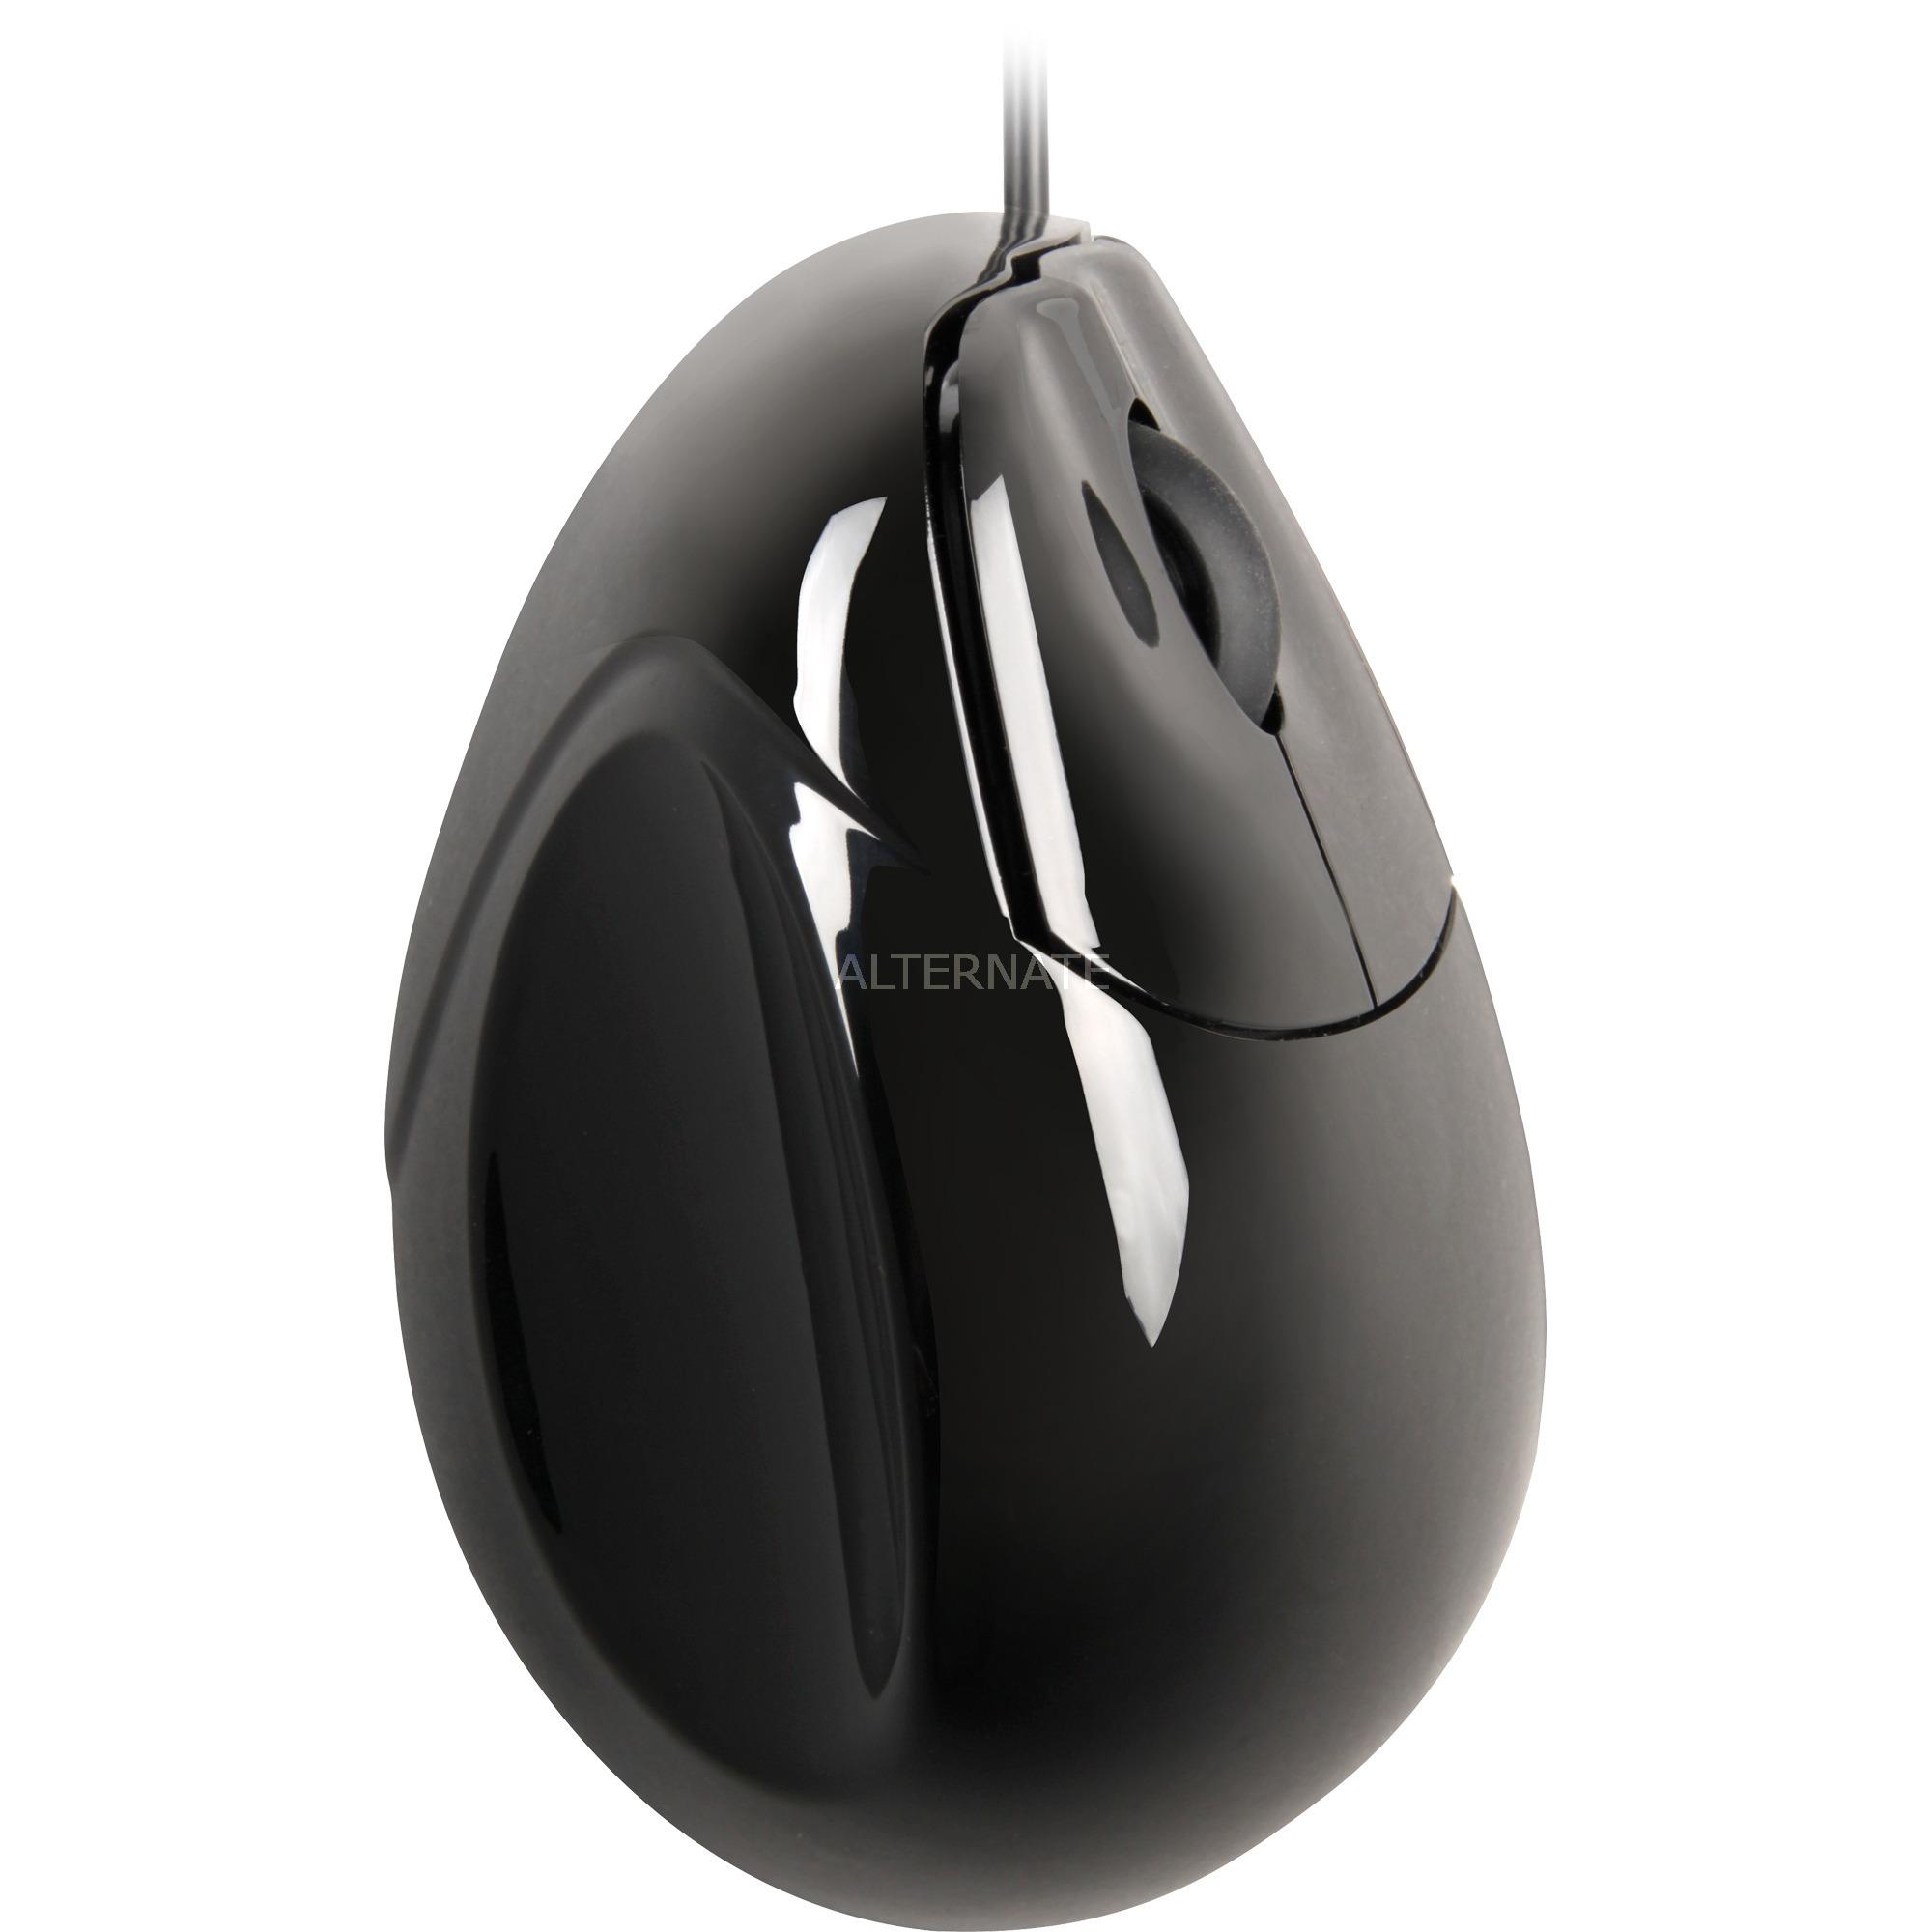 VMSR ratón USB 1200 DPI mano derecha Negro, Plata